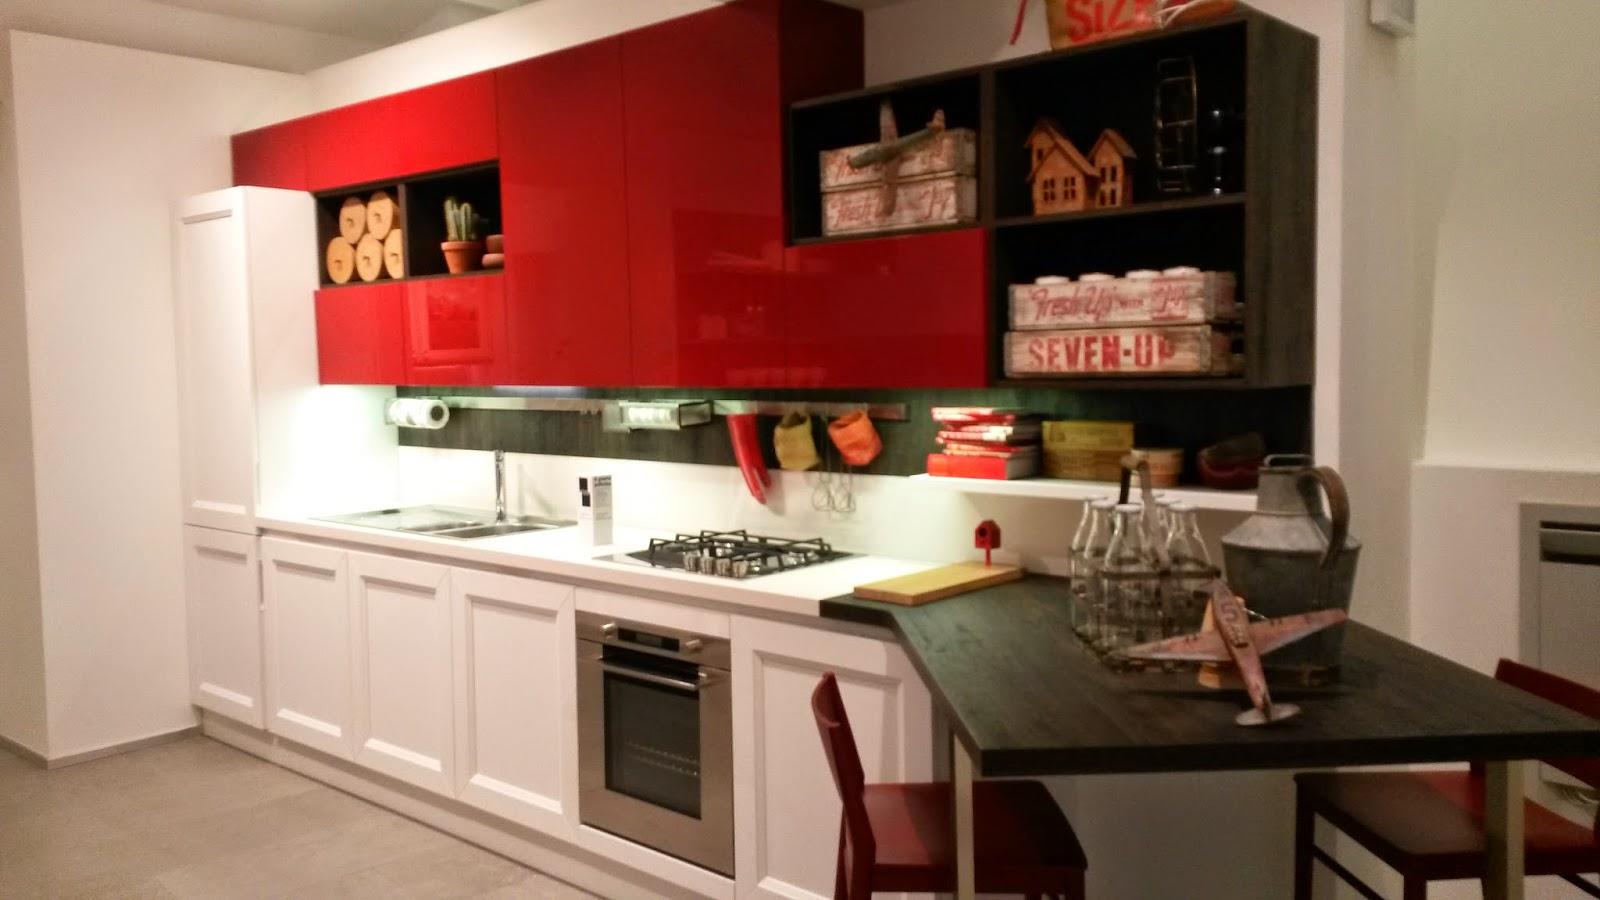 cucina laccato rosso e decorativo bianco Veneta cucine